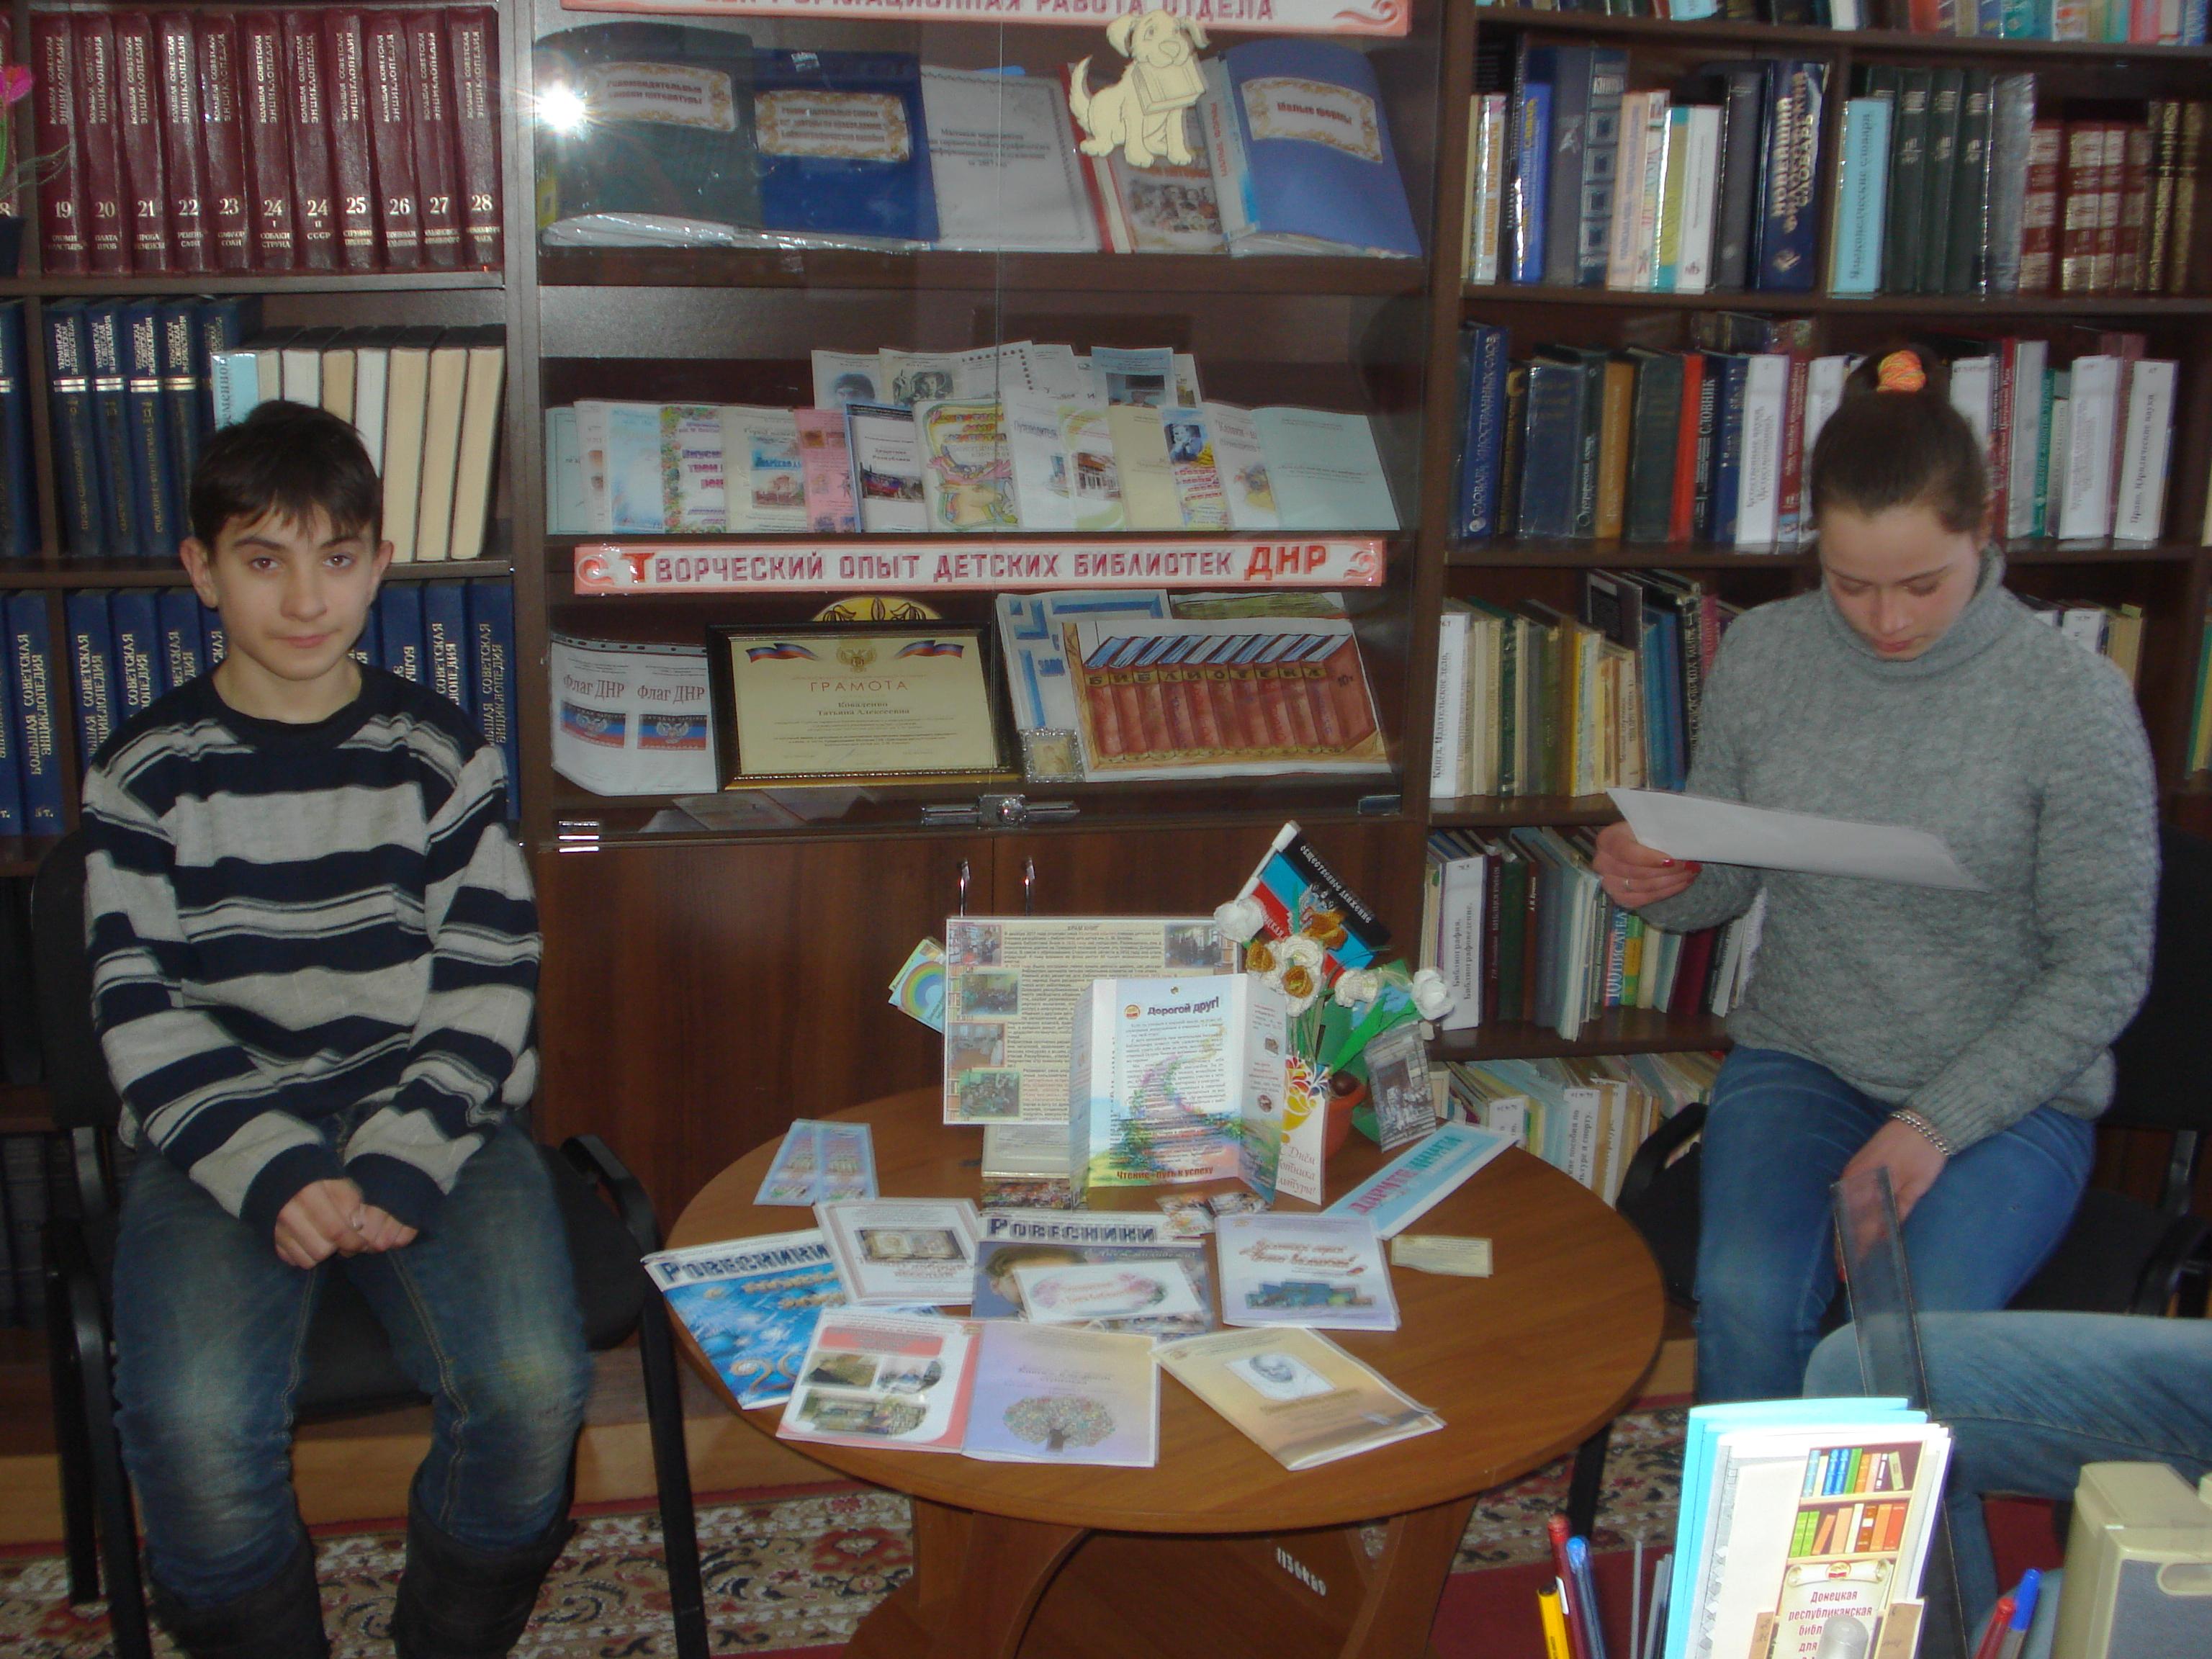 методы работы с книгой, читательский дневник, донецкая республиканская библиотека для детей, отдел справочно-библиографического и информационного обслуживания